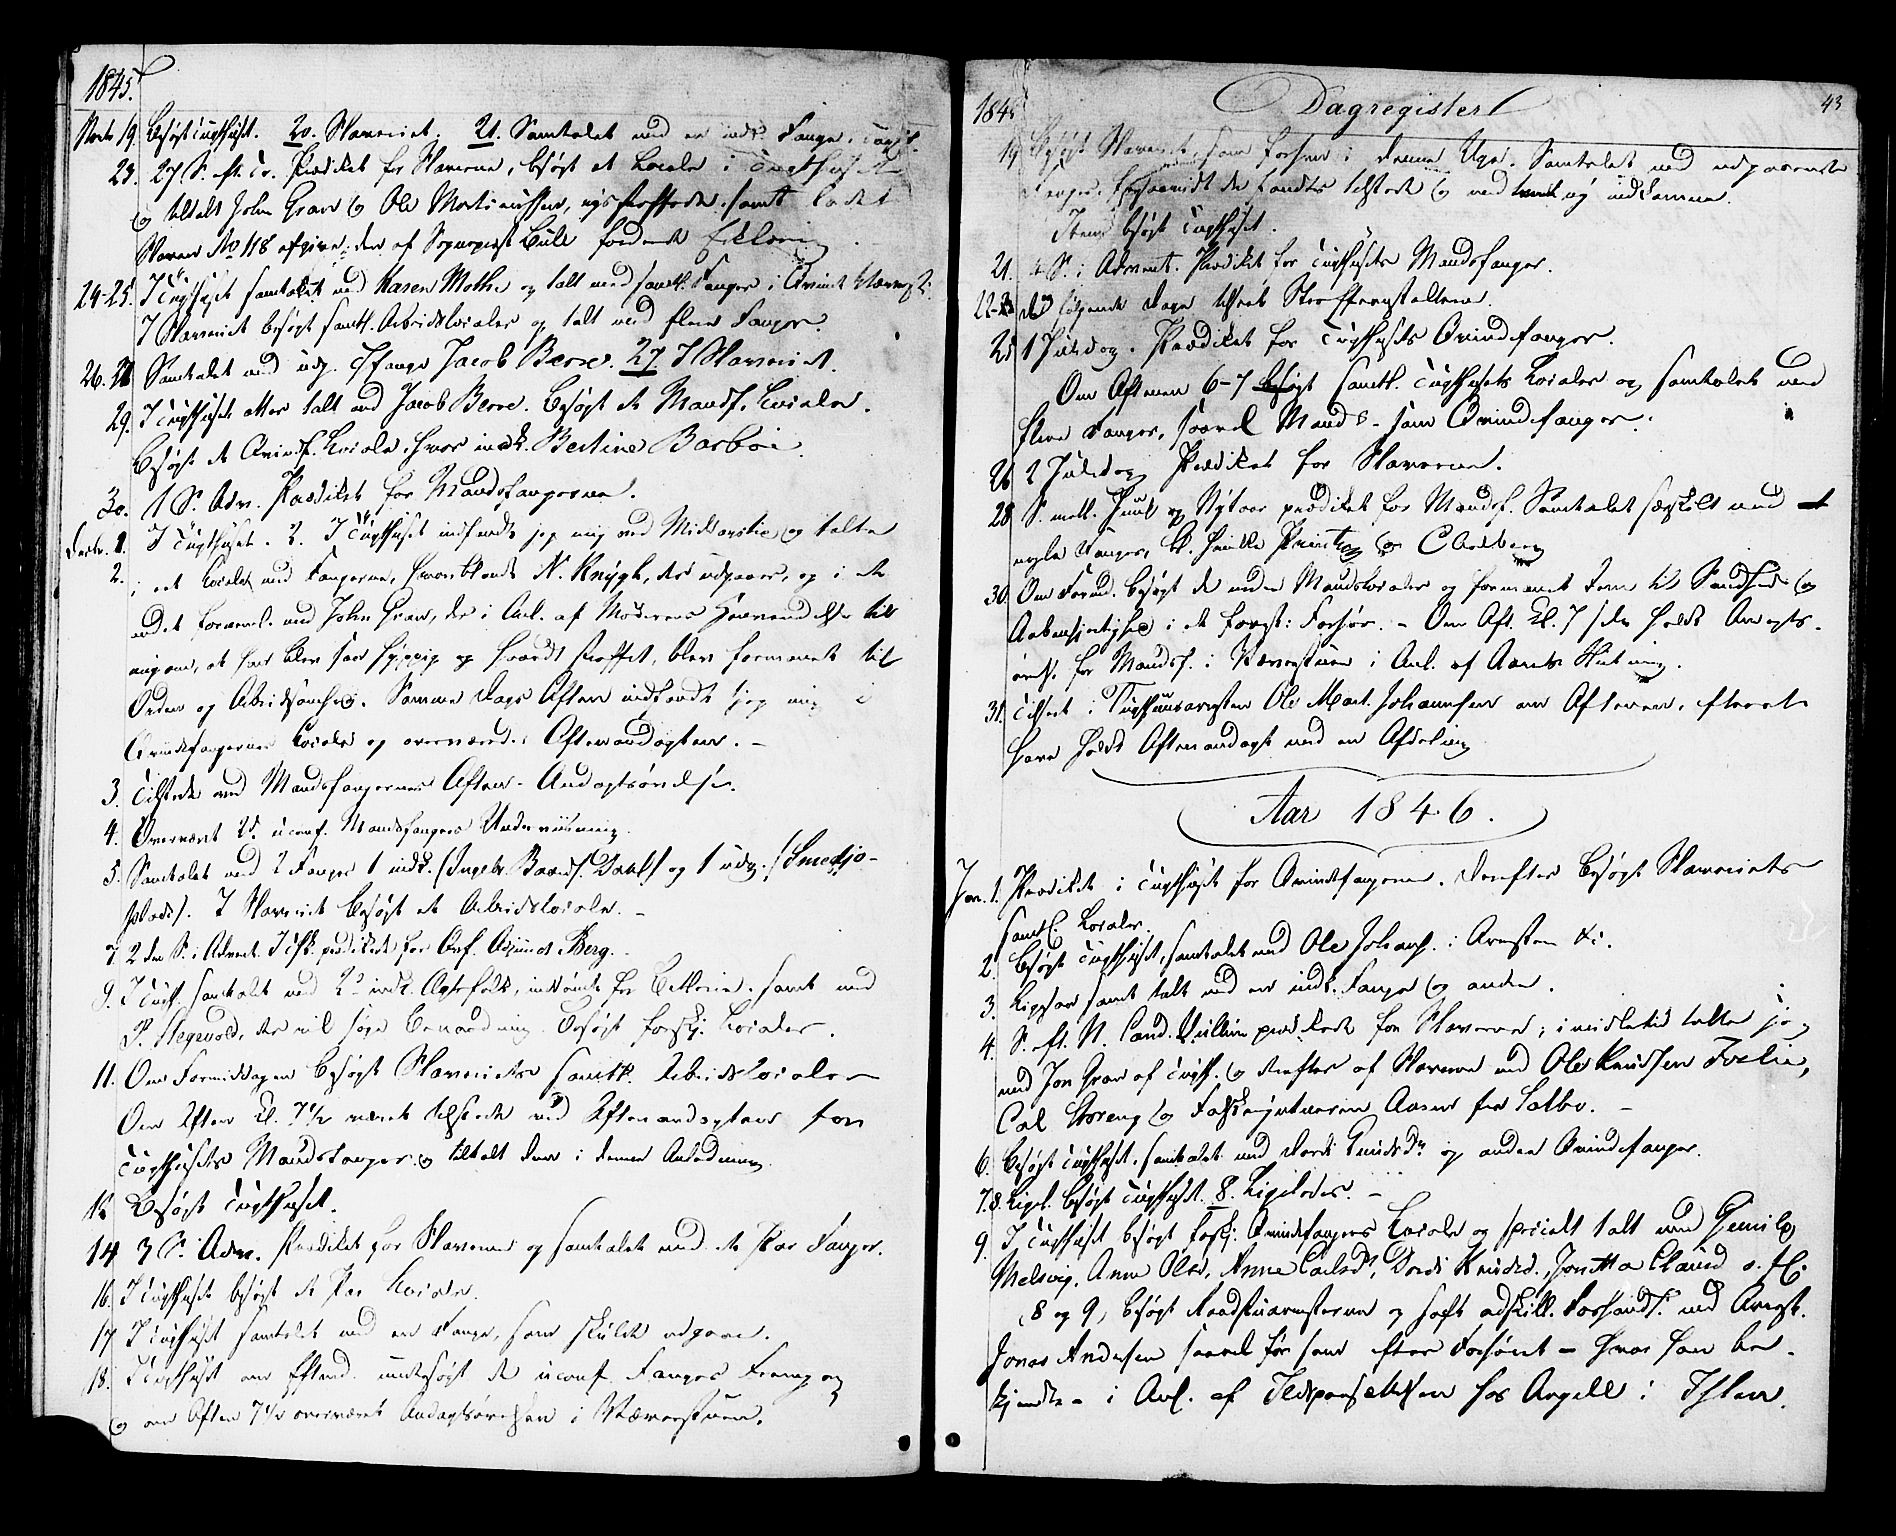 SAT, Ministerialprotokoller, klokkerbøker og fødselsregistre - Sør-Trøndelag, 624/L0480: Ministerialbok nr. 624A01, 1841-1864, s. 43